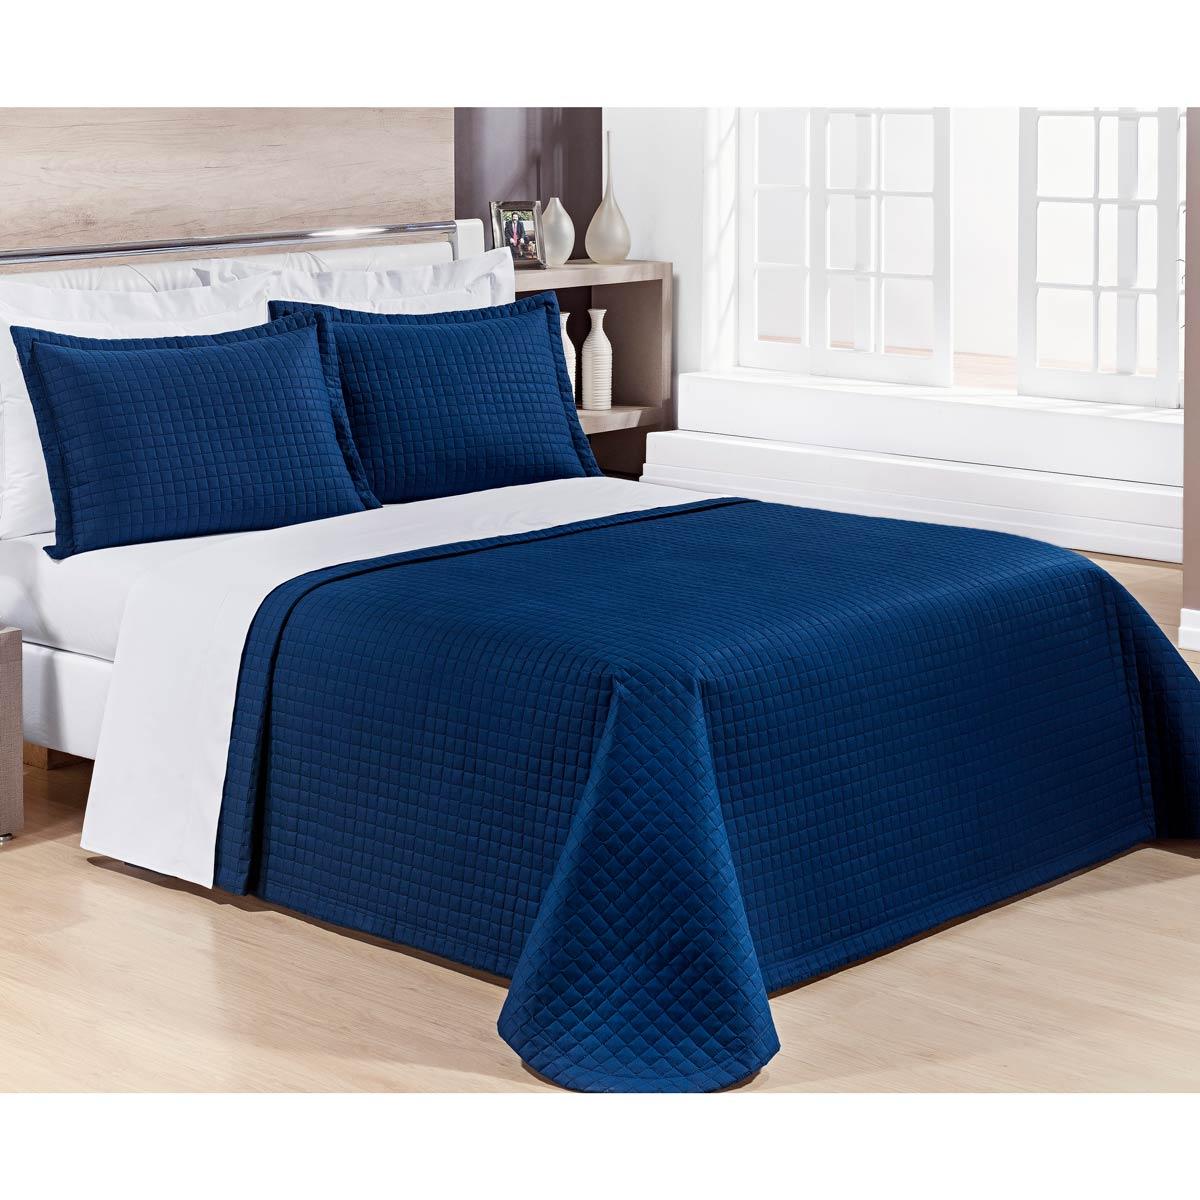 Cobre Leito Casal Queen Pratic 03 Peças Liso coleção 2107 -  100% Algodão 200 Fios - Cor Azul